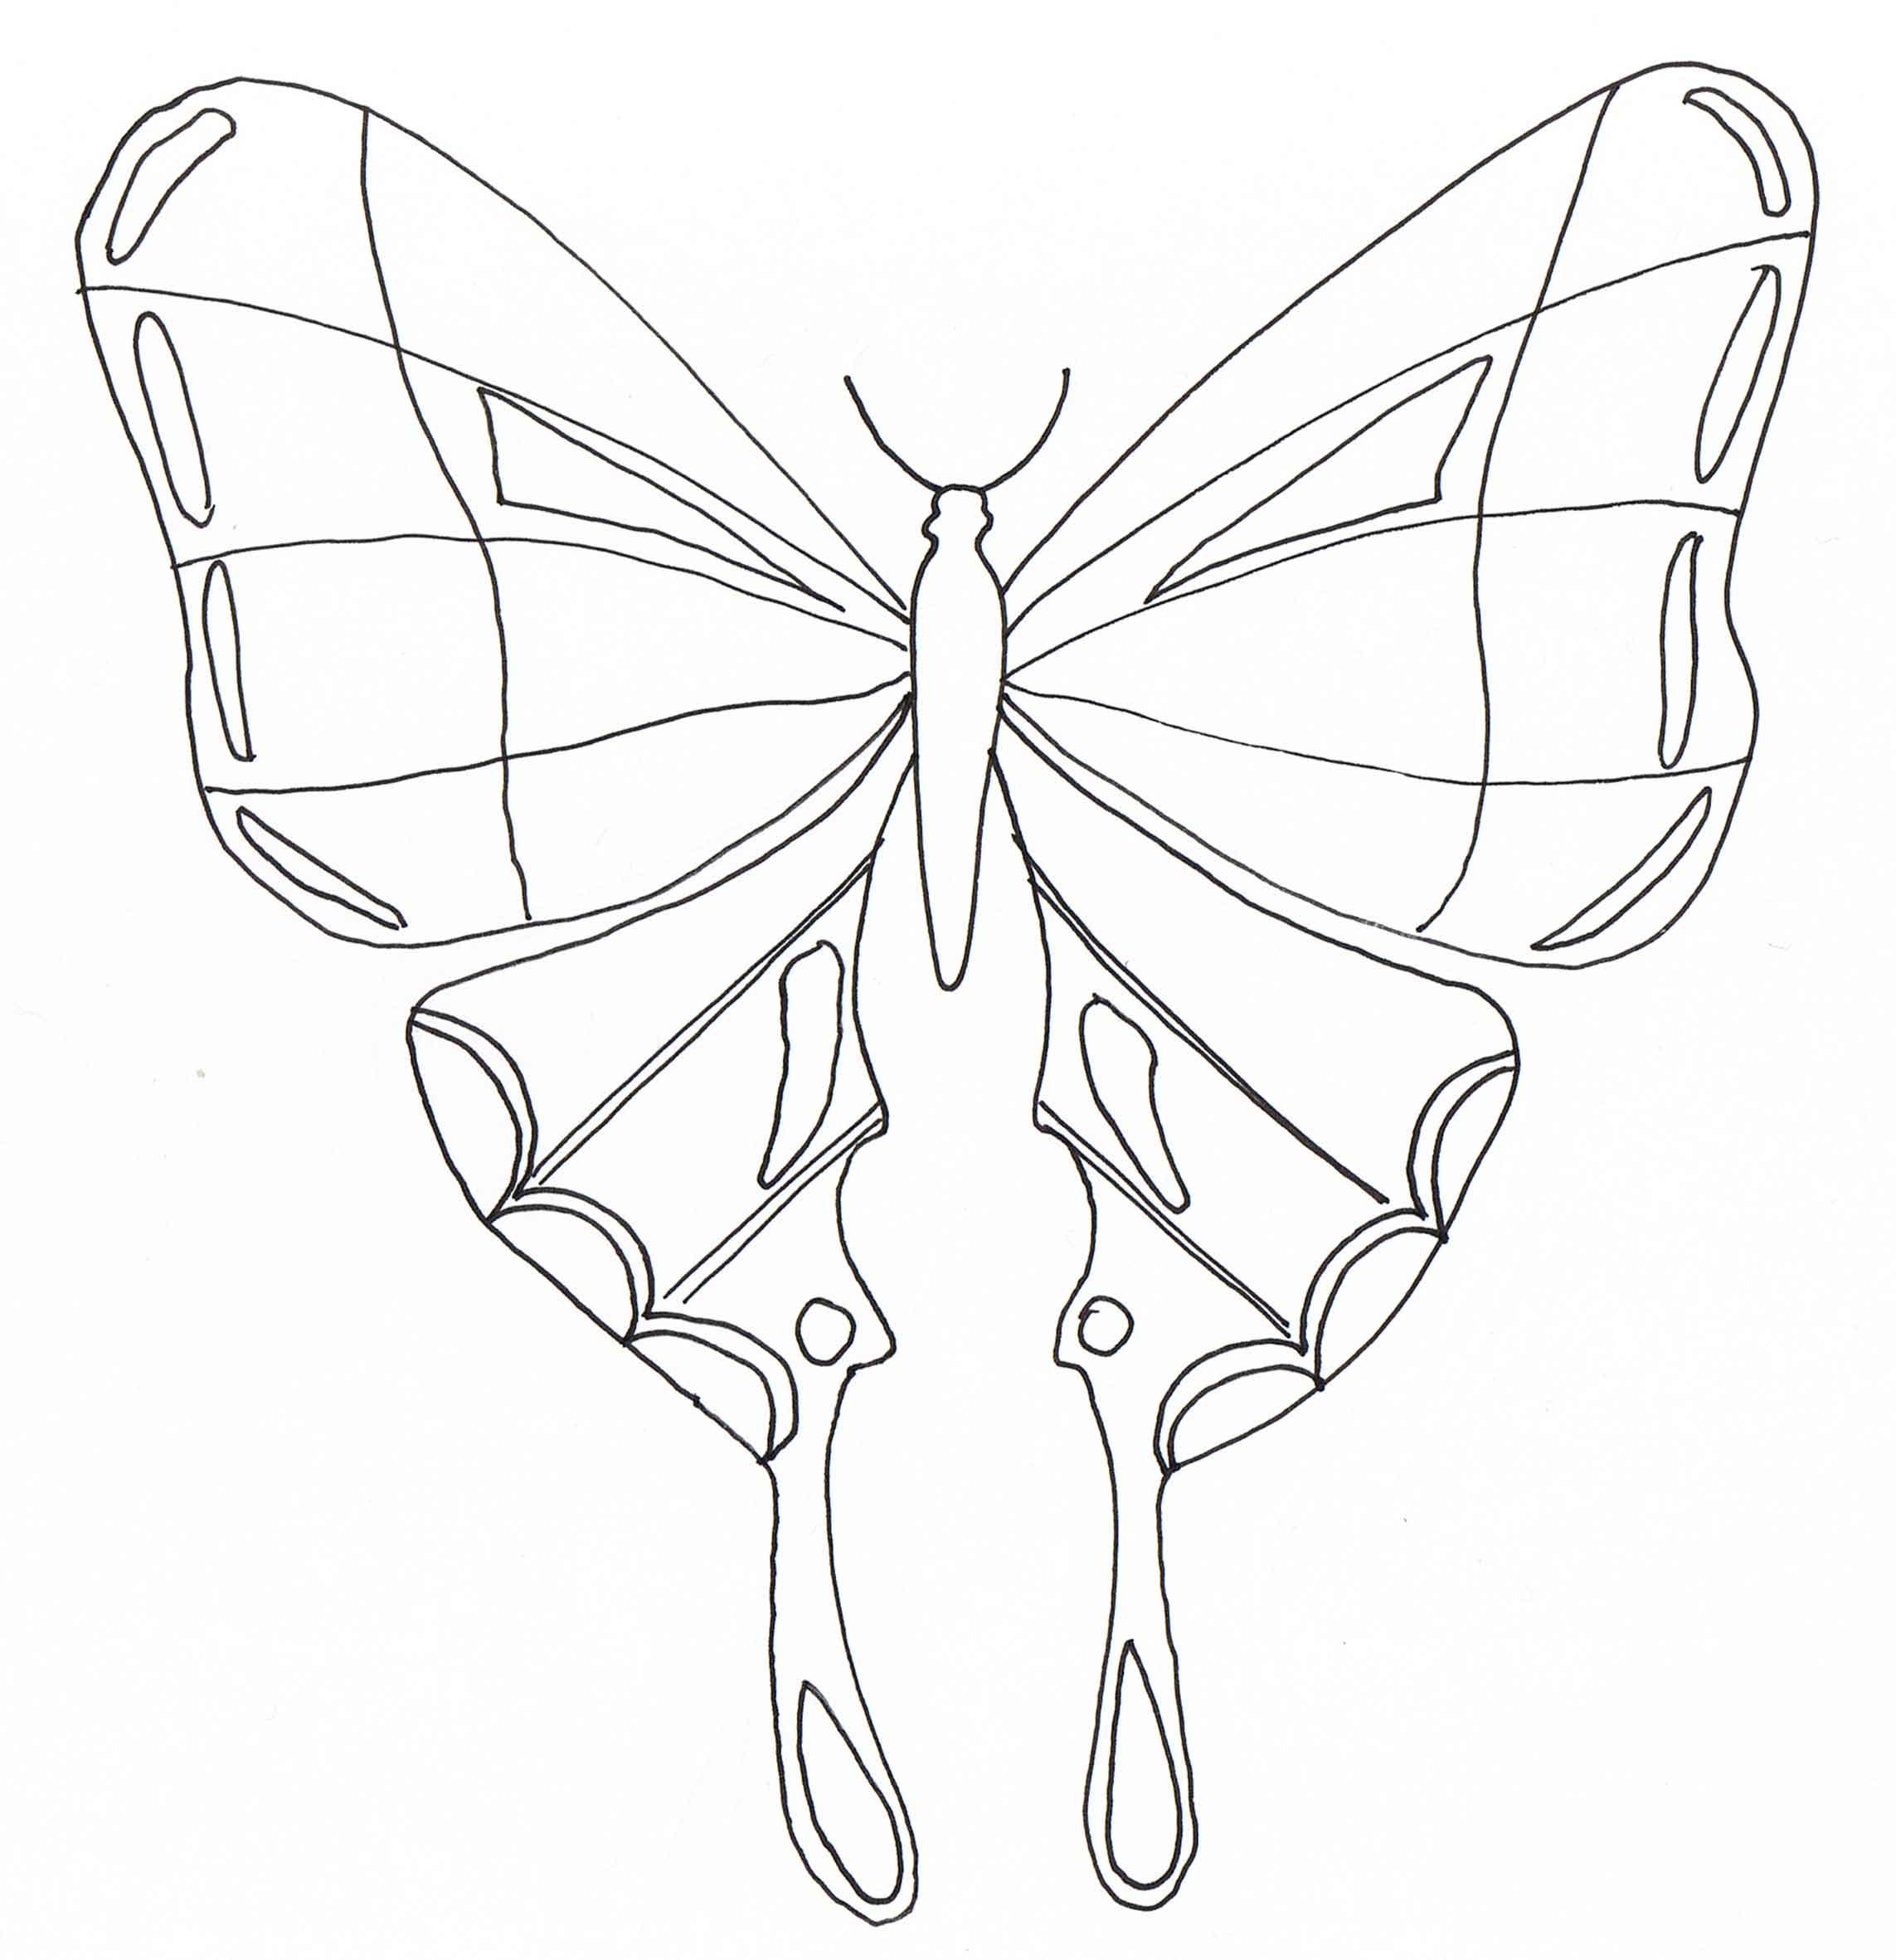 Meilleur De Image à Colorier De Papillon